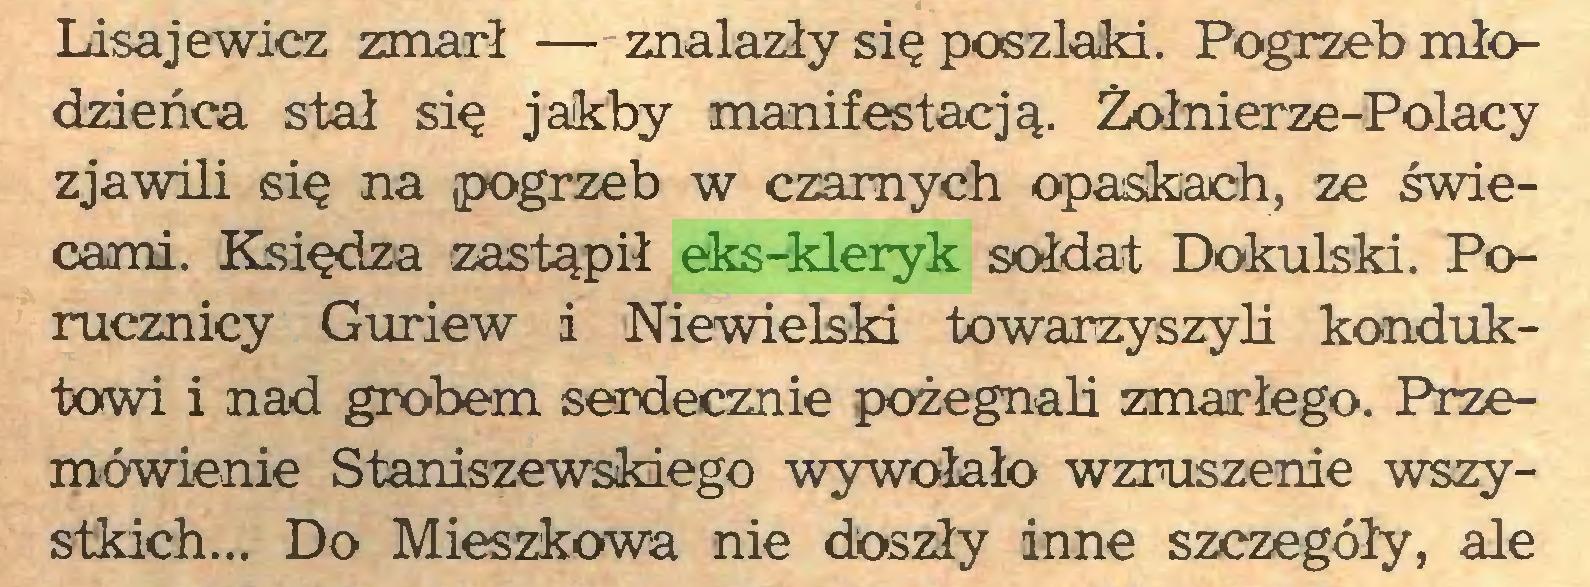 (...) Lisajewicz zmarł — znalazły się poszlaki. Pogrzeb młodzieńca stał się jakby manifestacją. Żołnierze-Polacy zjawili się na ¡pogrzeb w czarnych opaskach, ze świecami. Księdza zastąpił eks-kleryk sołdat Dokulski. Porucznicy Guriew i Niewielski towarzyszyli konduktowi i nad grobem serdecznie pożegnali zmarłego. Przemówienie Staniszewskiego wywołało wzruszenie wszystkich... Do Mieszkowa nie doszły inne szczegóły, ale...